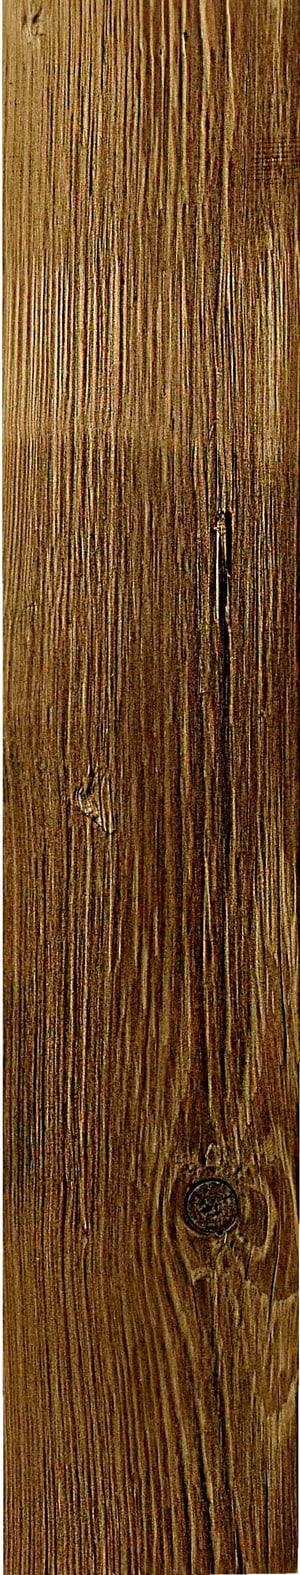 Bretter Braun 20 x 80-120 x 2000 mm 5 Stk.